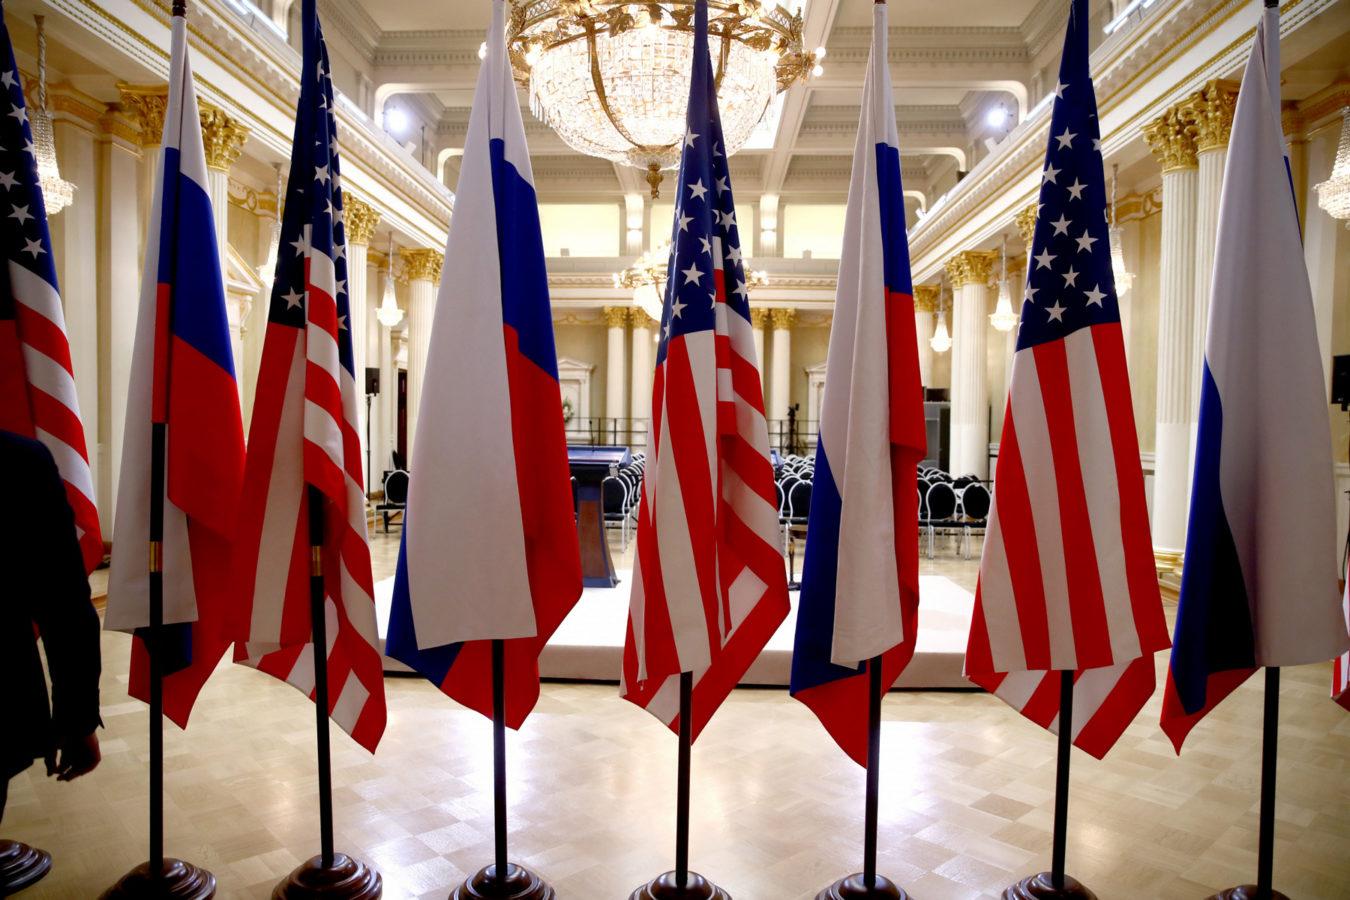 План ВС США по быстрому захвату России назвали в Китае полным безумием